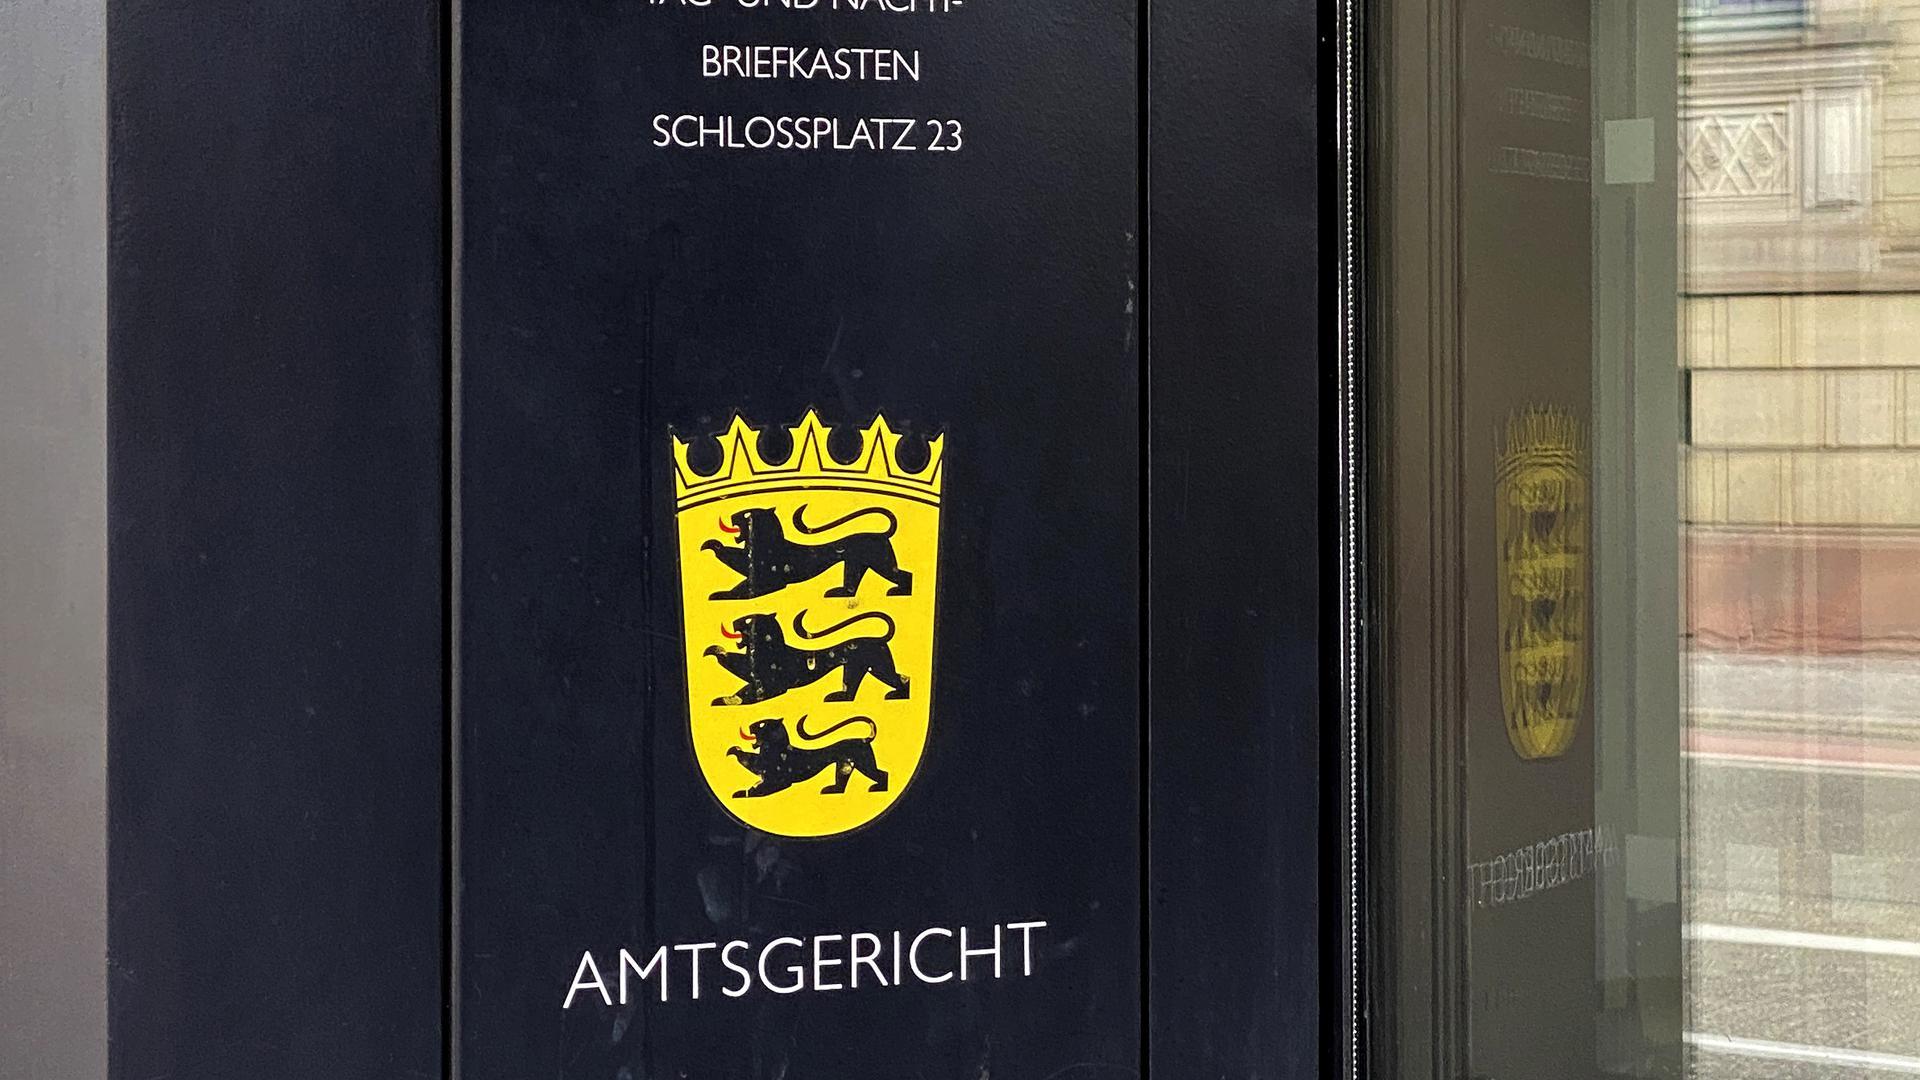 Der Tag- und Nachtbriefkasten des Amtsgericht Karlsruhe. (Symbolbild)